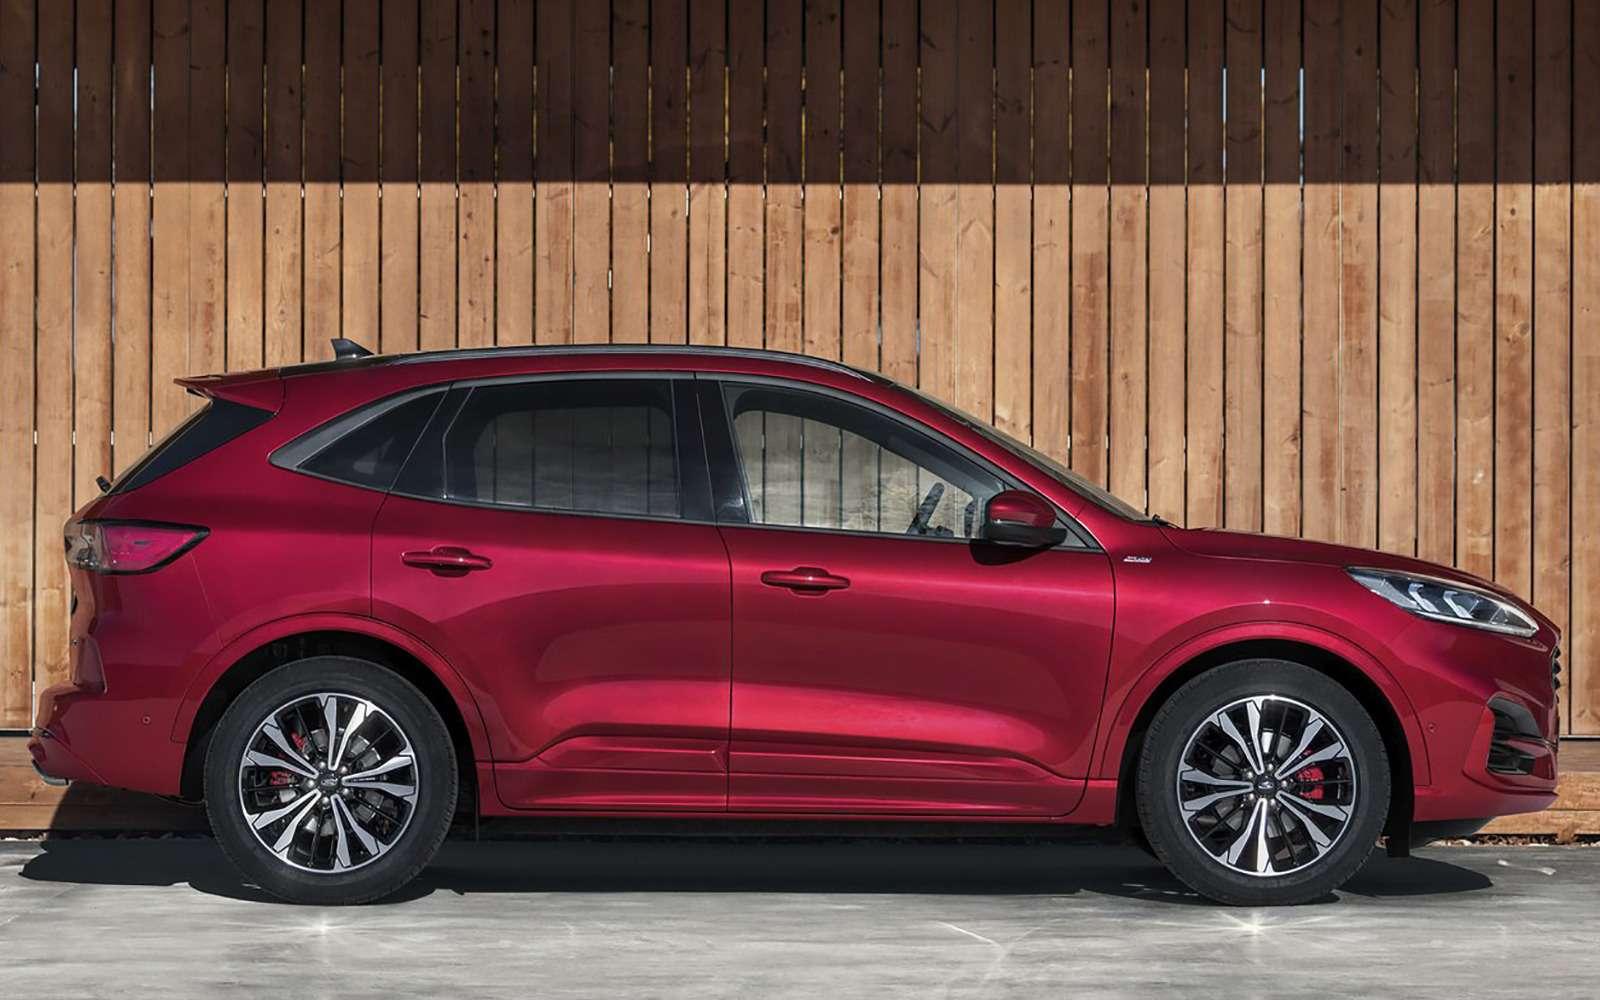 Ford показал новую Kuga. Красивая, мощная, экономичная. Недлянас— фото 962793